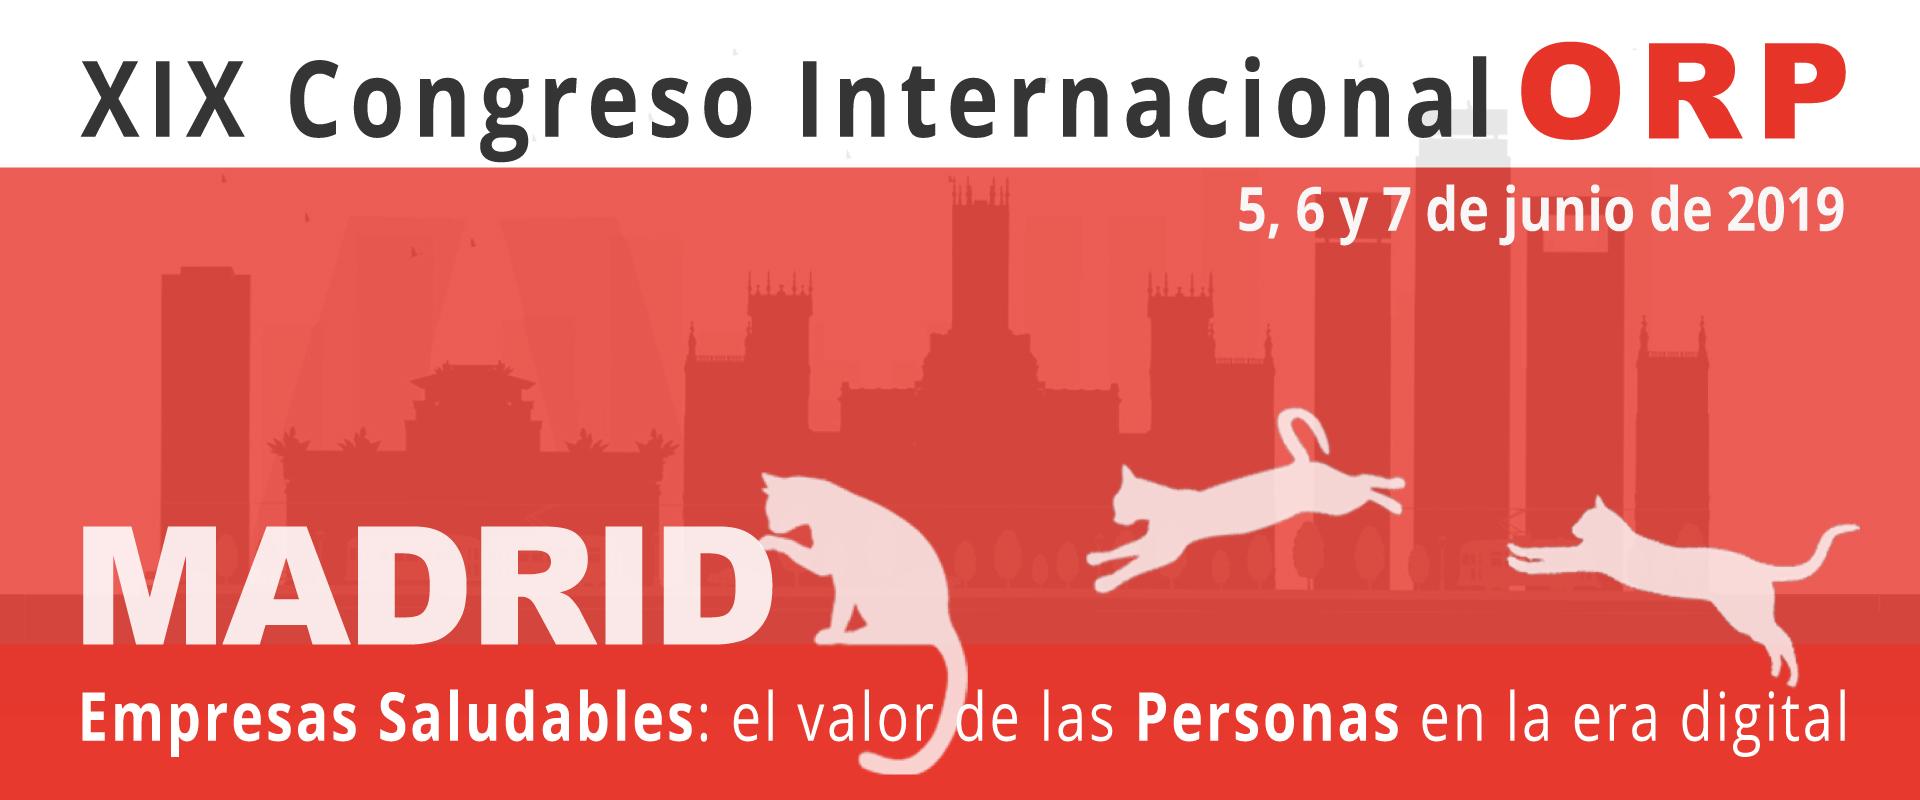 Madrid-Congreso-Internacional